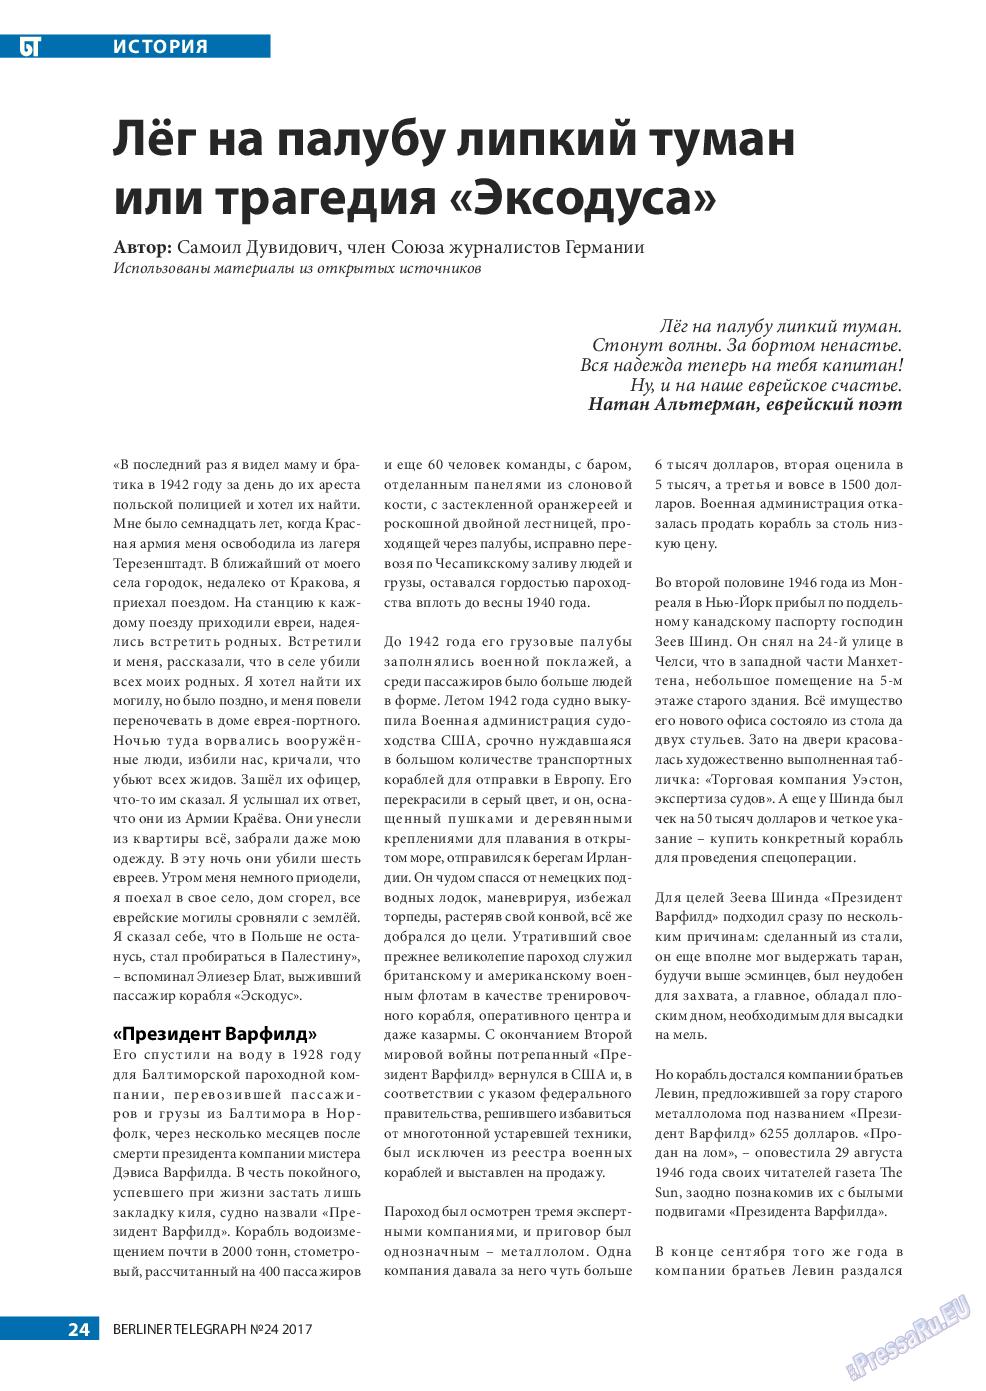 Берлинский телеграф (журнал). 2017 год, номер 24, стр. 24